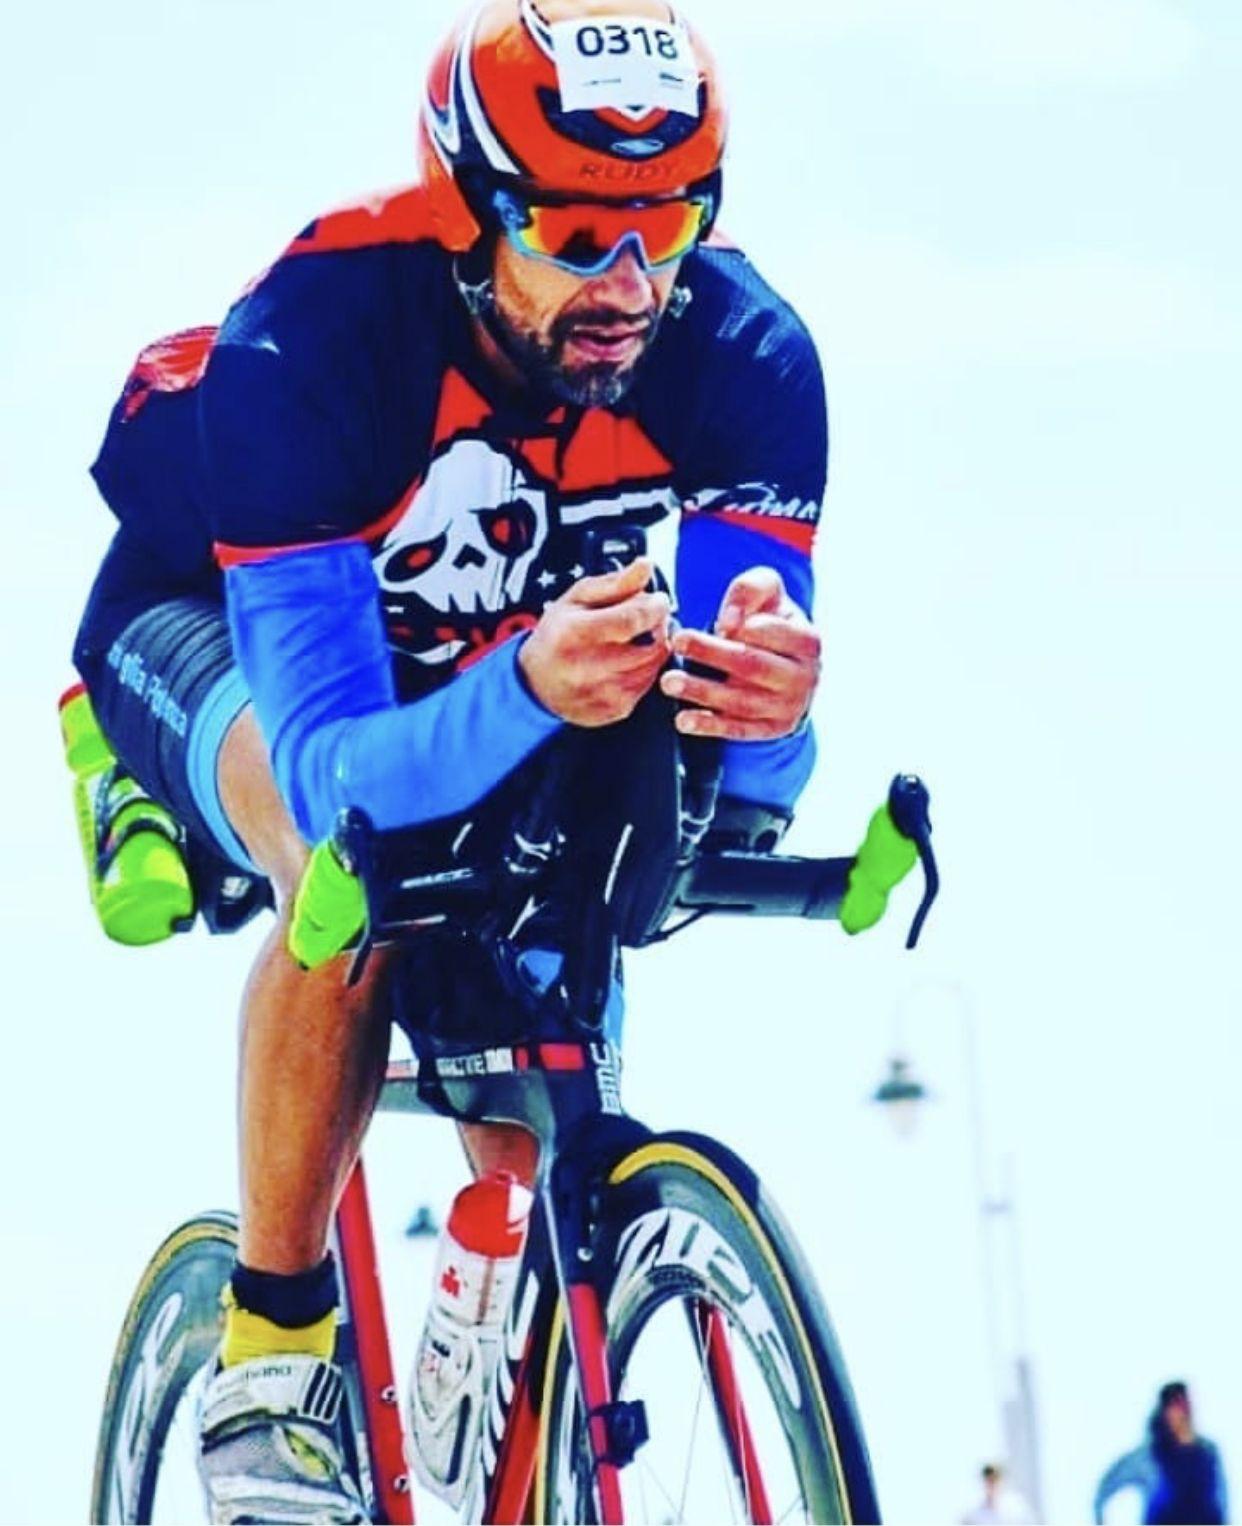 Repost @famigliapotenza #TTT do Pedal do Ironman Mar del Plata..180kms🚴 de muito frio e vendaval insano!! #ironmanmardelplata #famigliapotenza